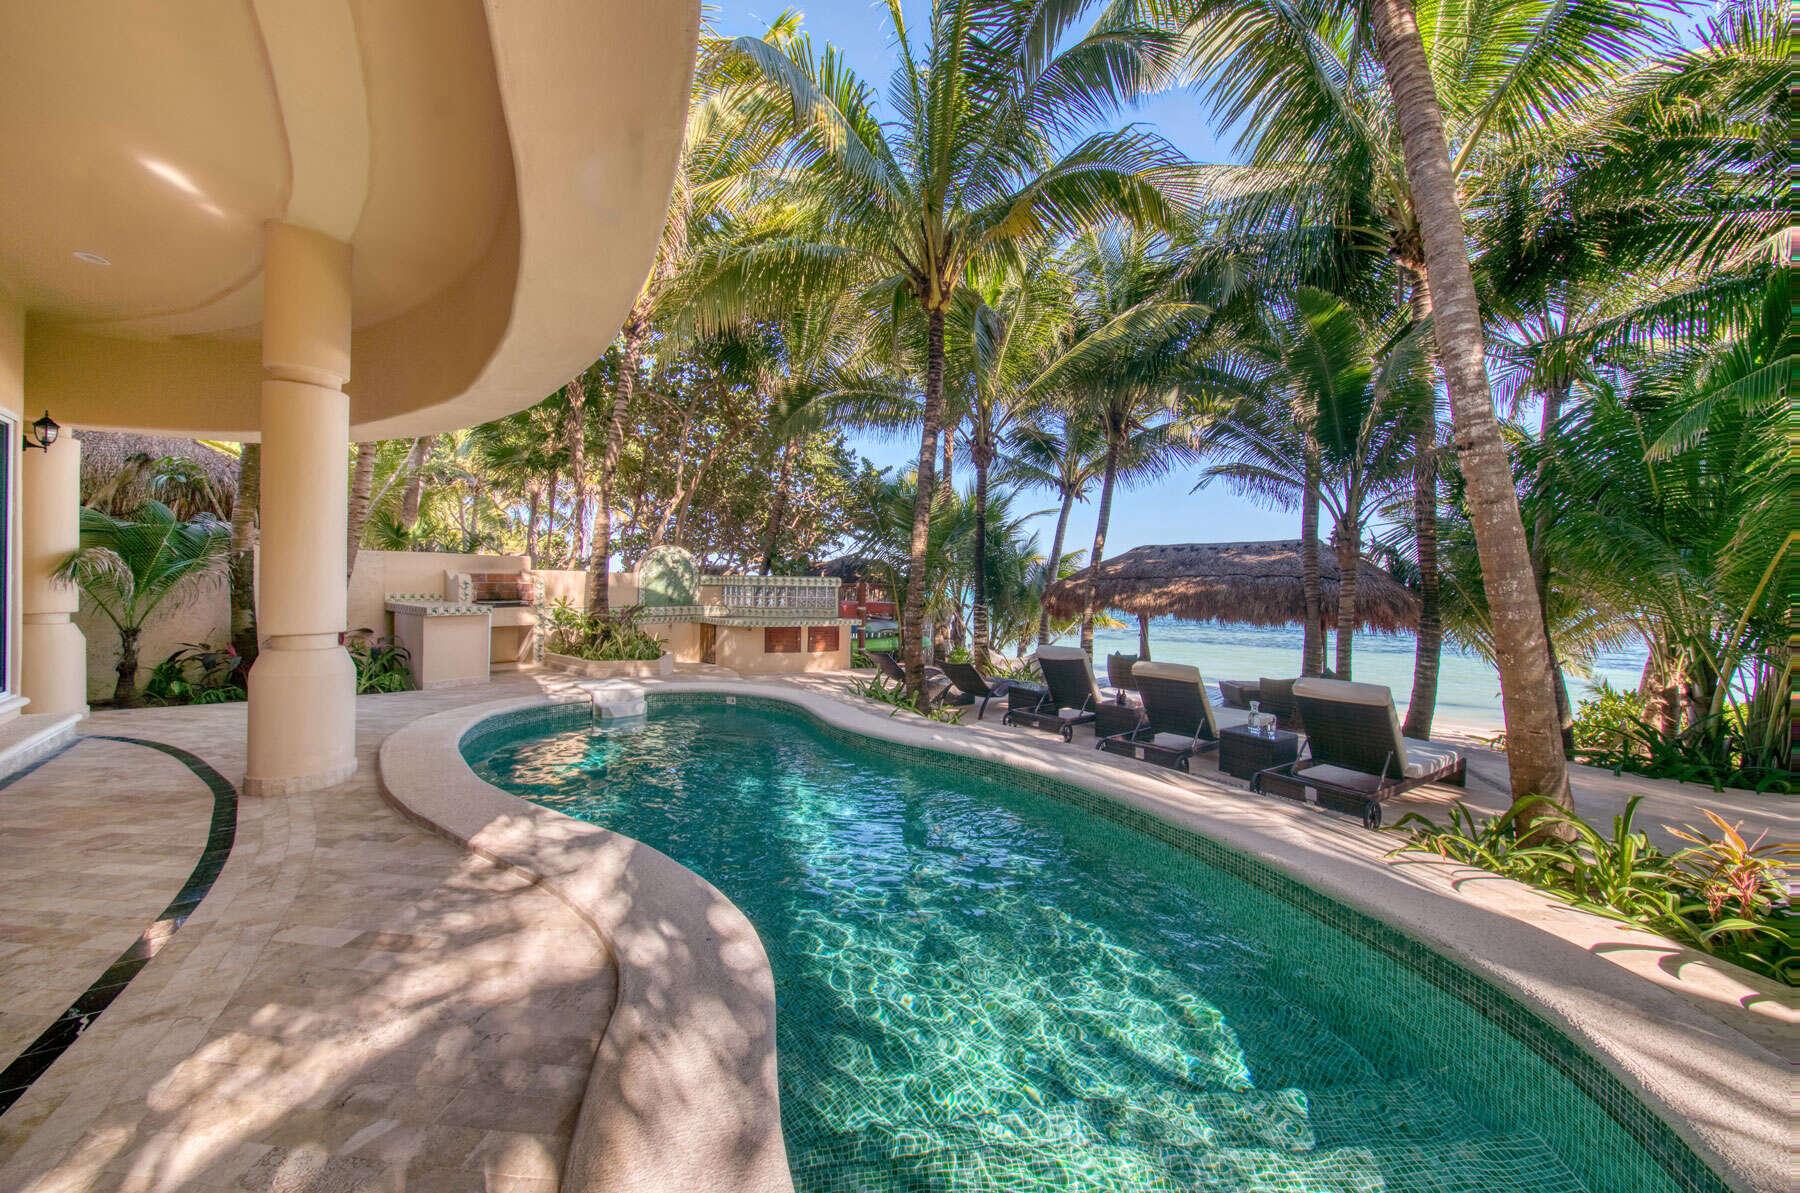 Luxury vacation rentals mexico - Riviera maya - Soliman bay - No location 4 - Moonstar - Image 1/34